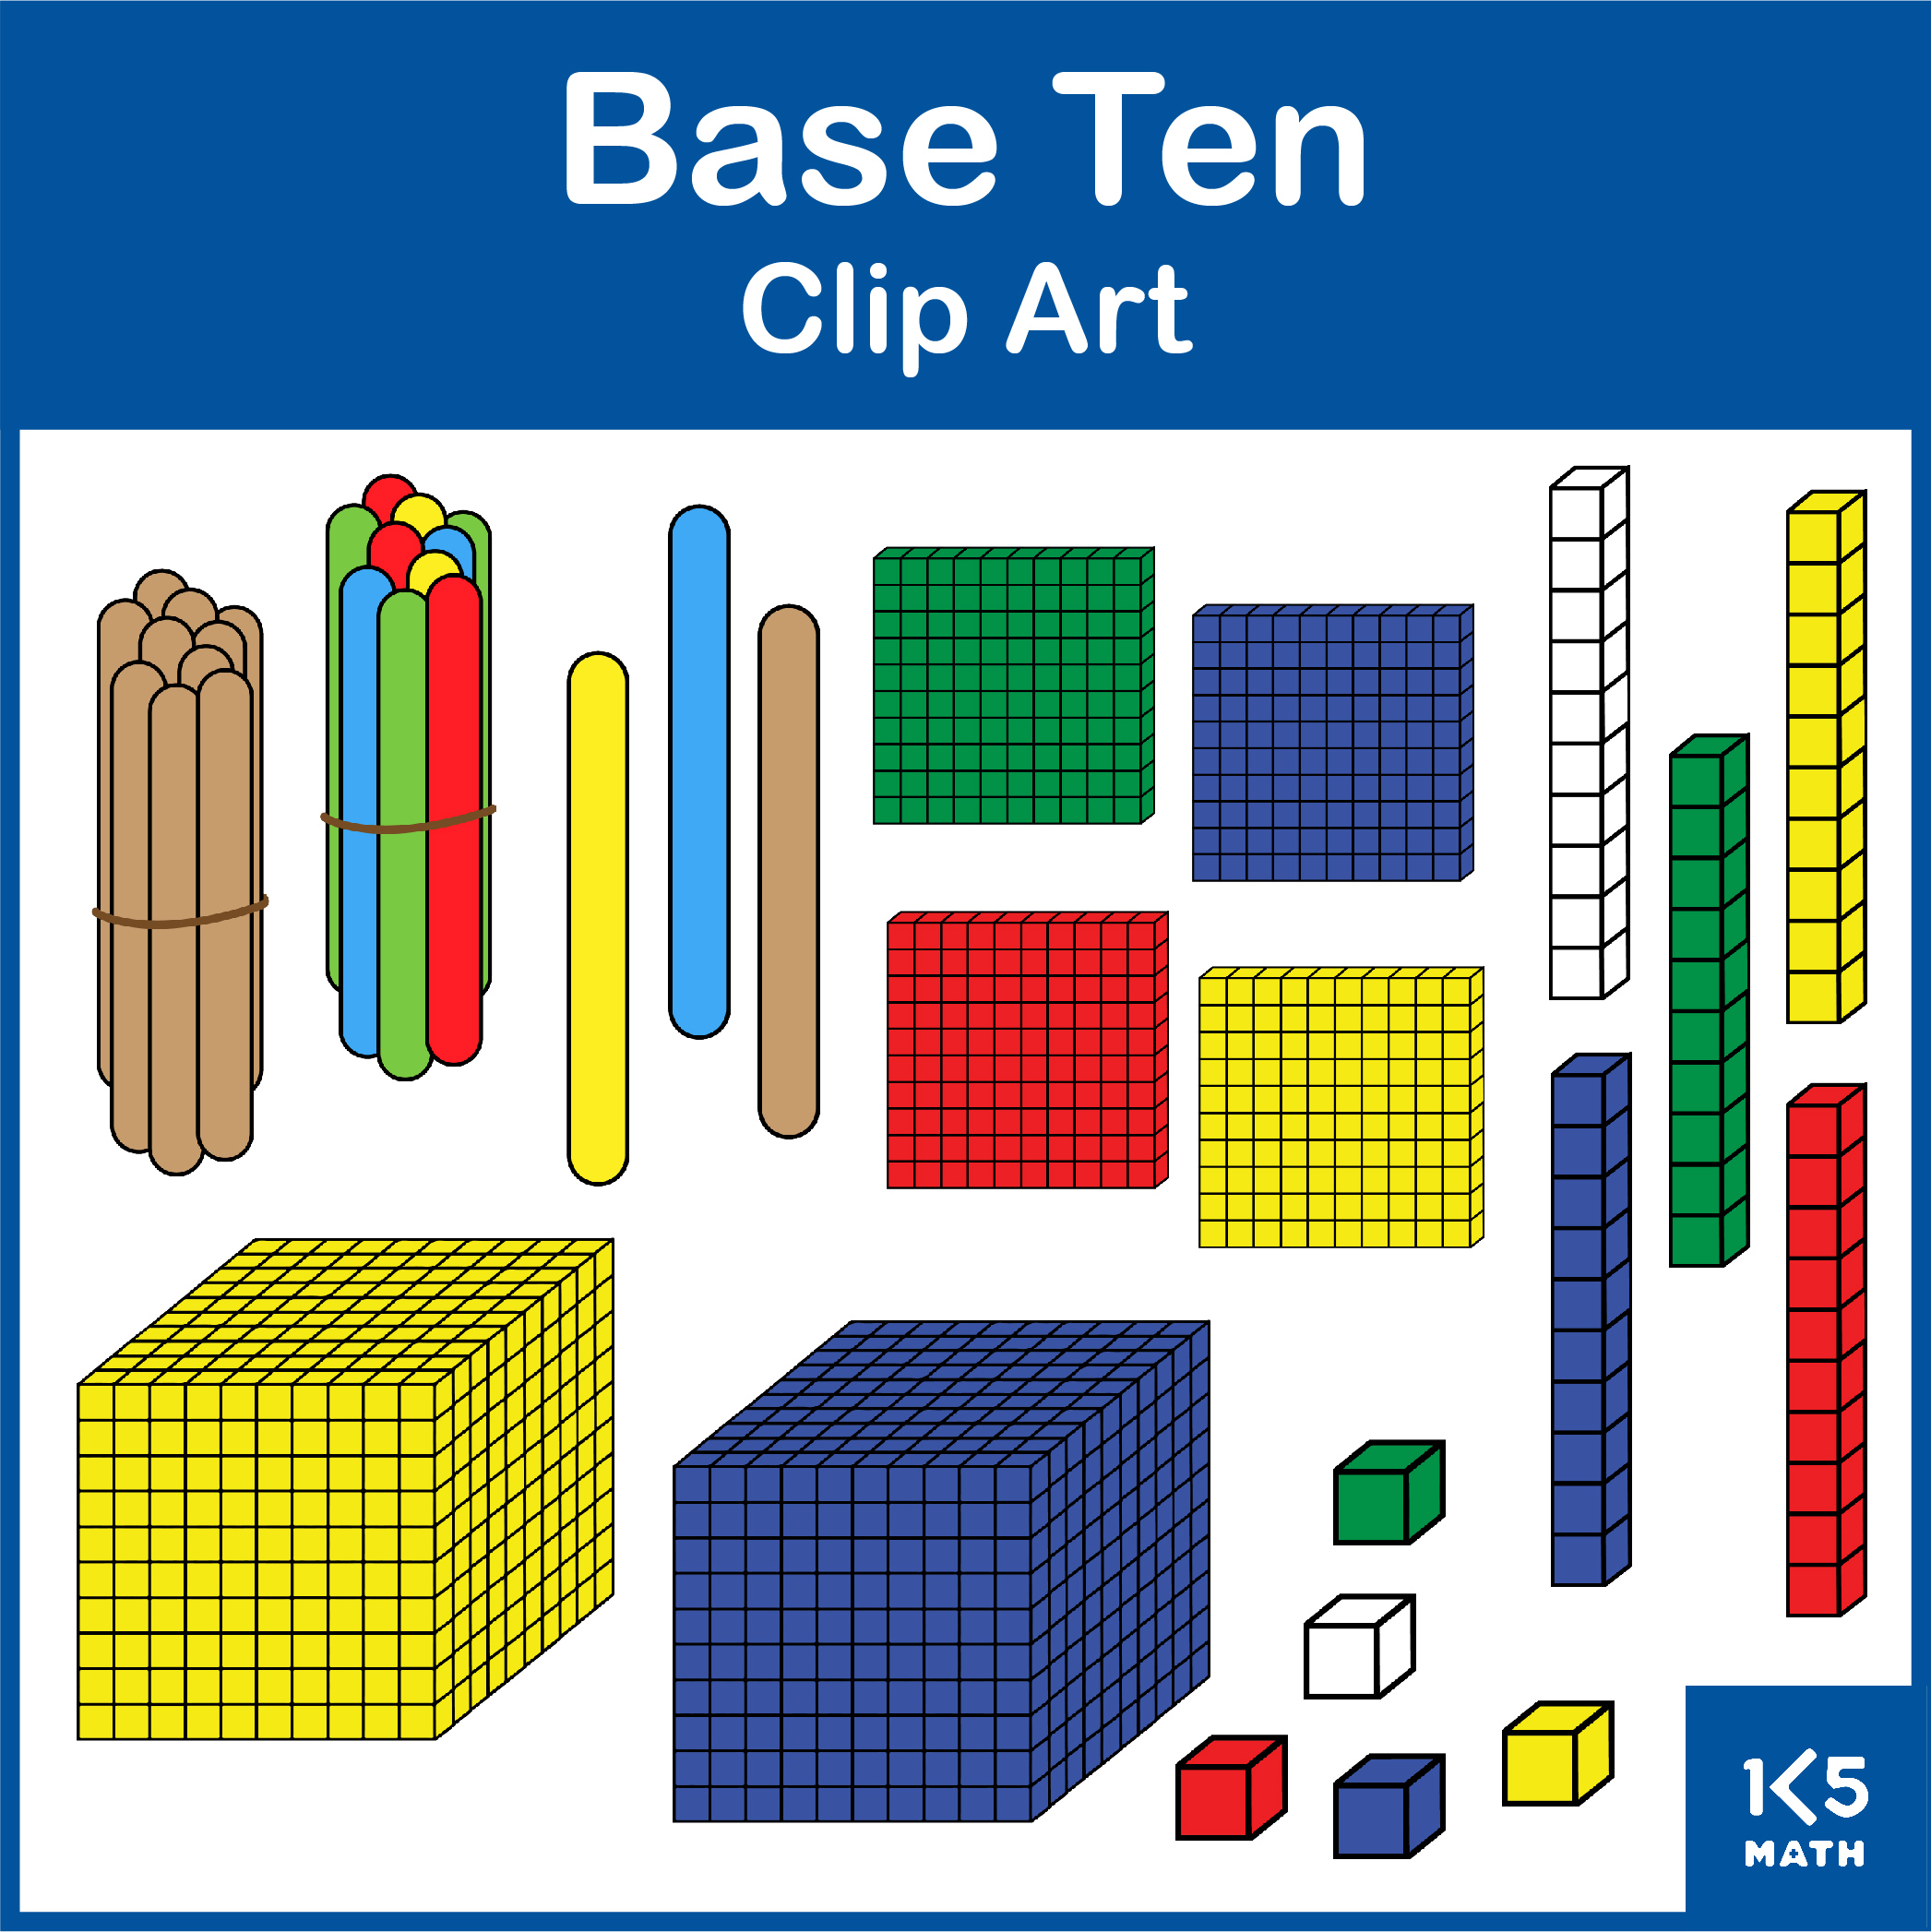 Base Ten Clip Art